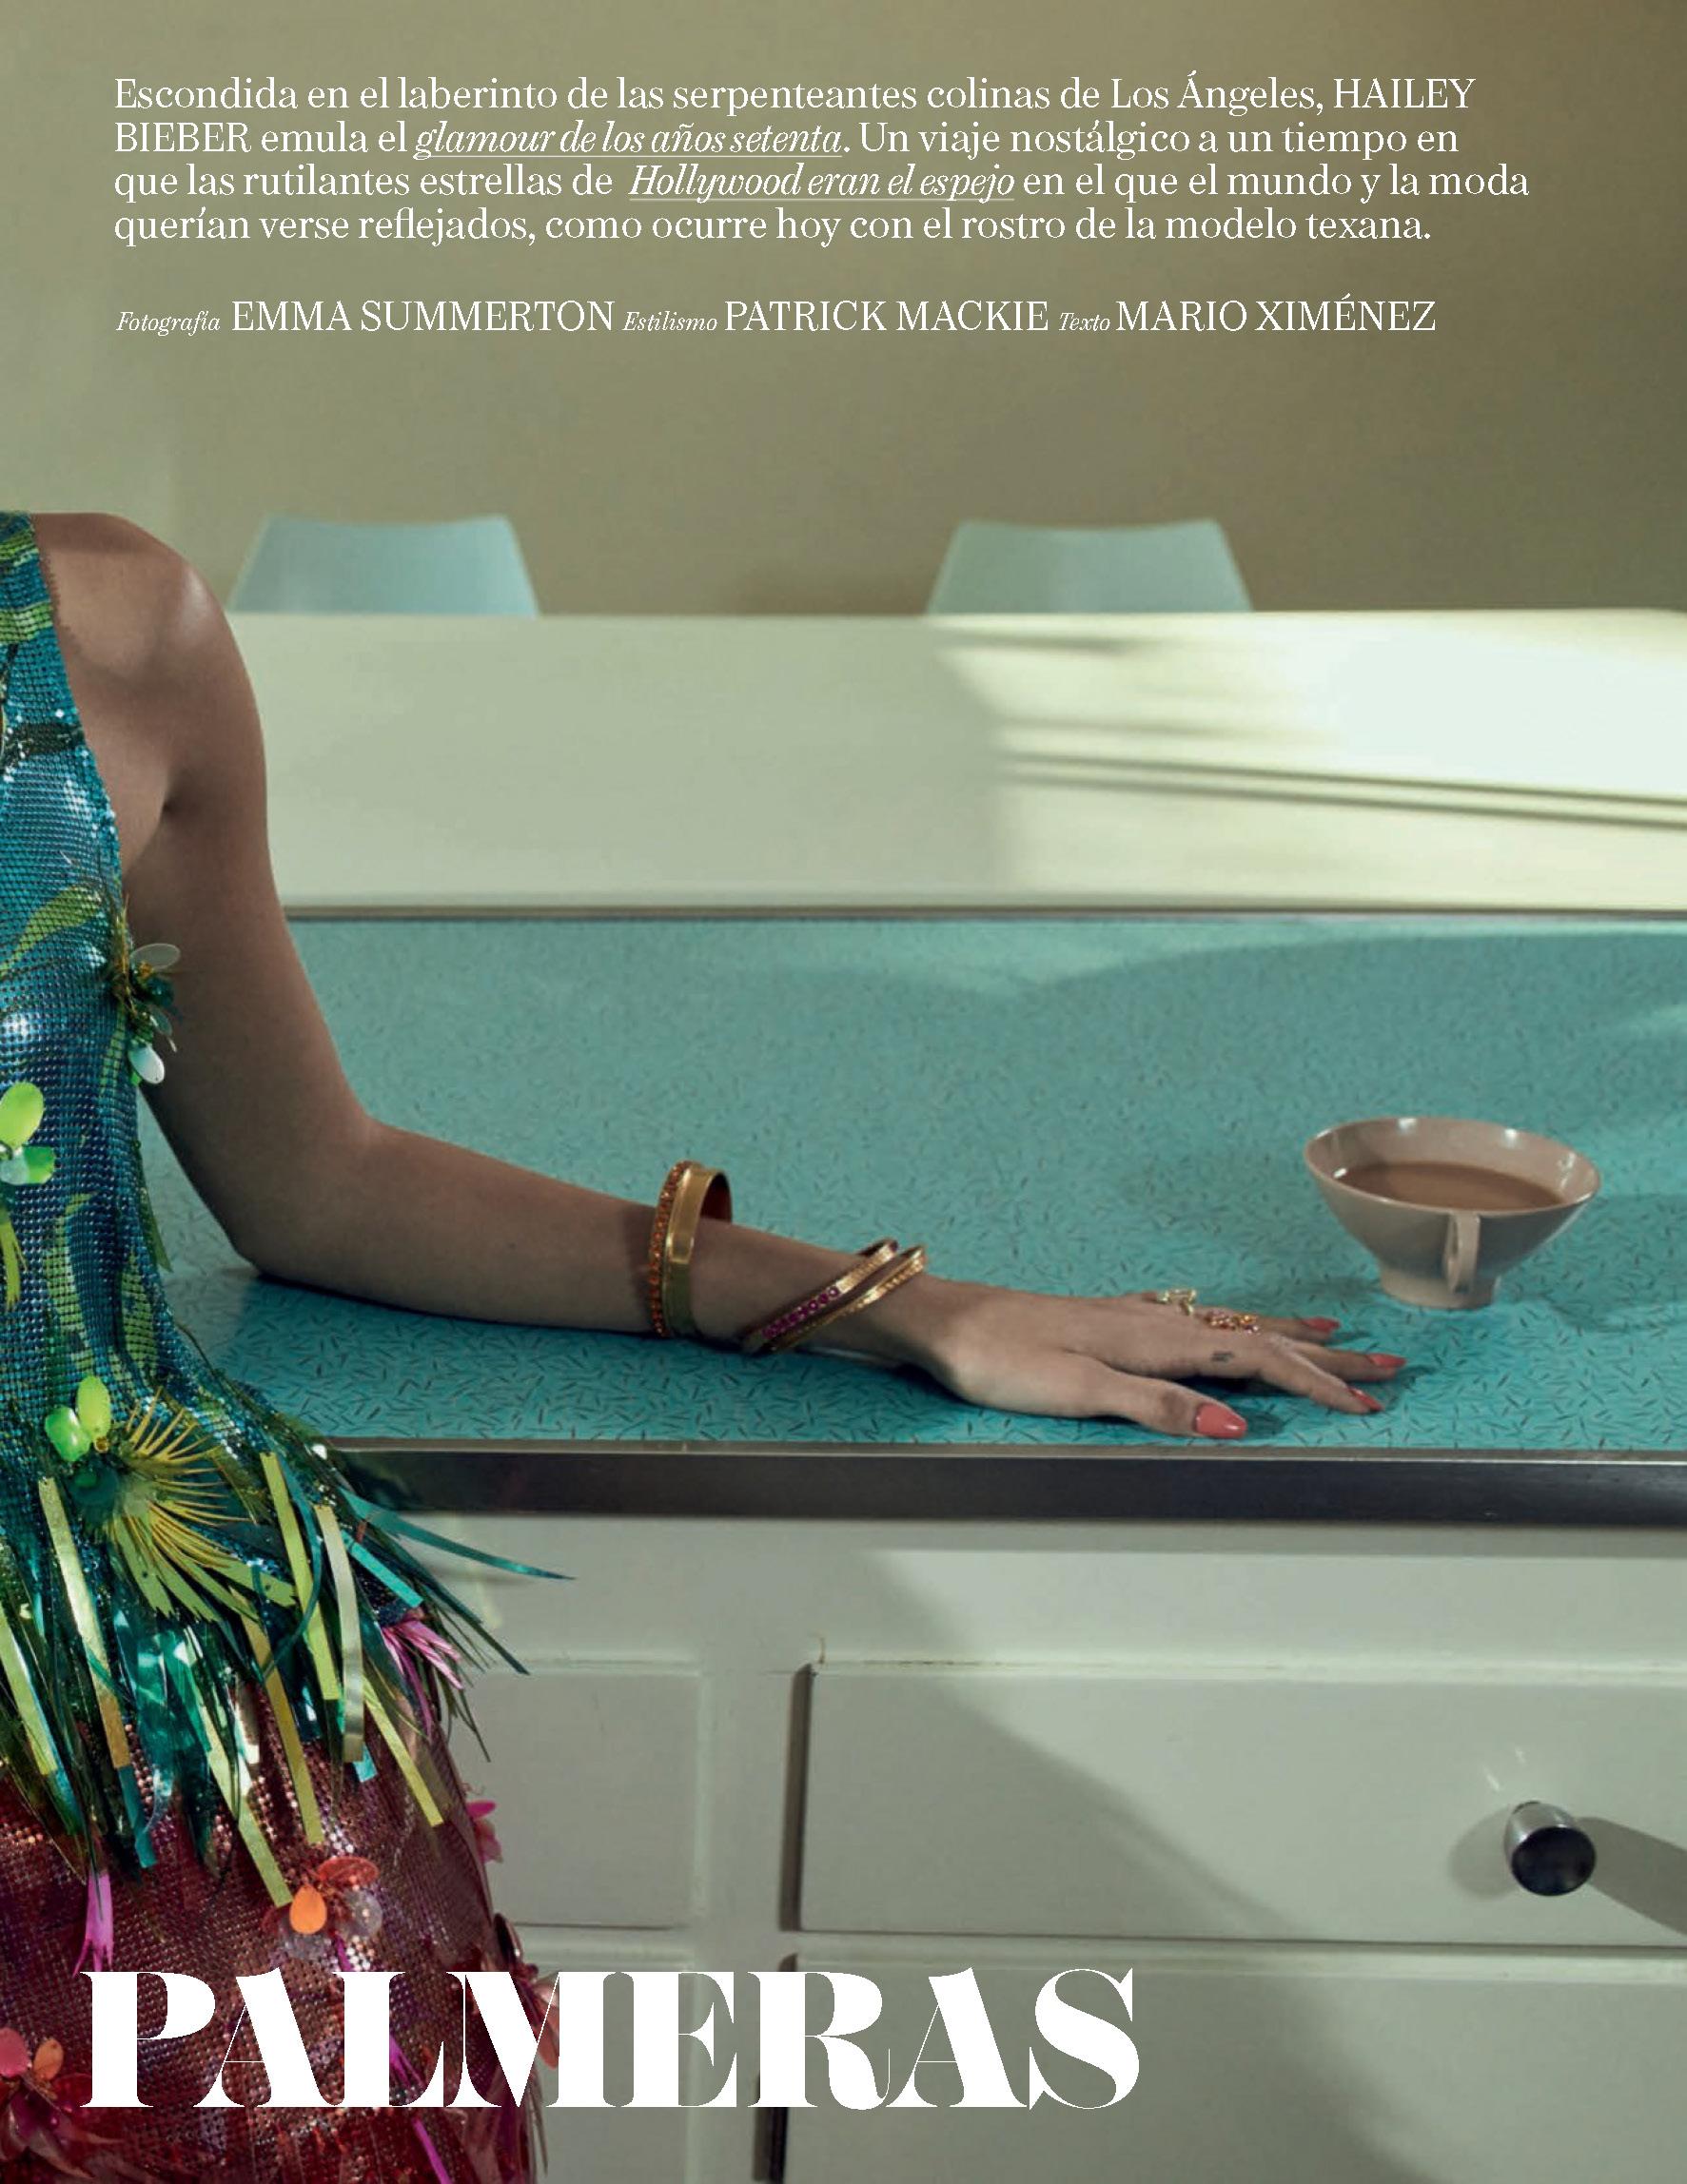 Hailey Bieber Vogue Spain